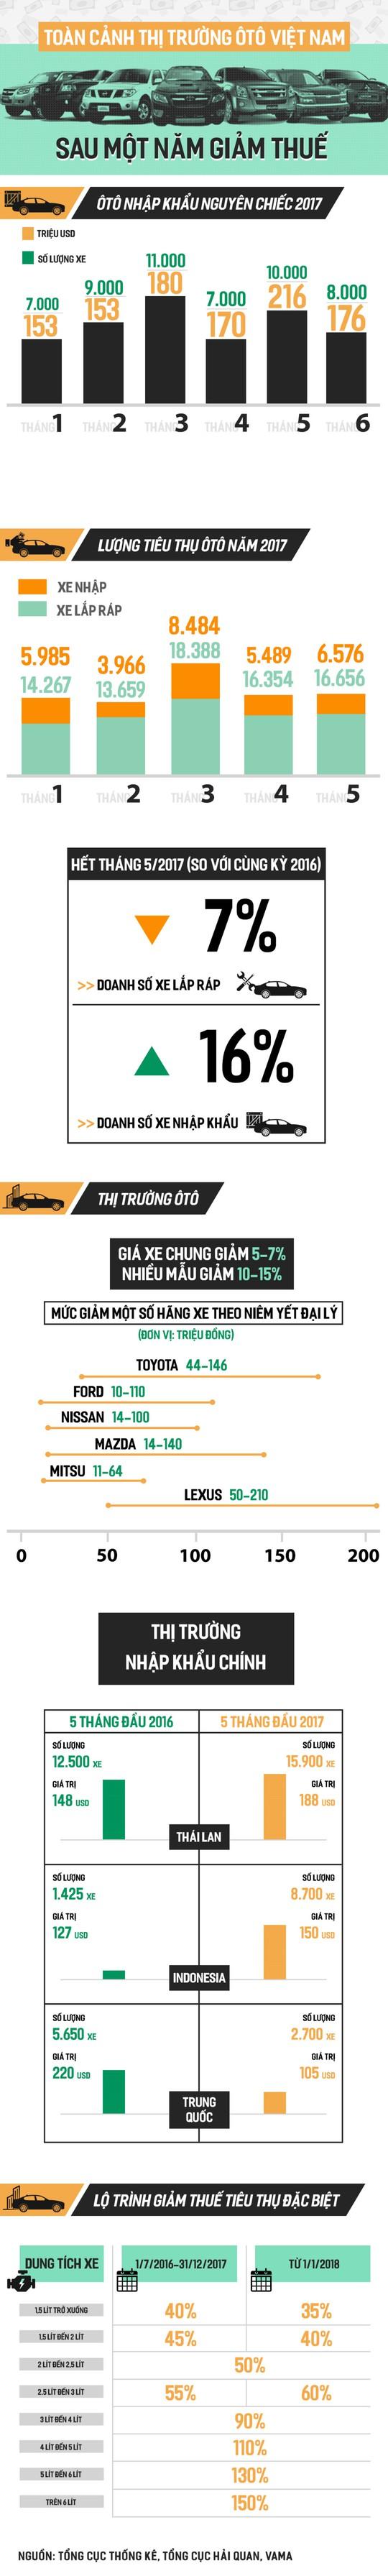 Thuế giảm, ô tô Thái Lan, Indonesia tràn vào Việt Nam - Ảnh 1.